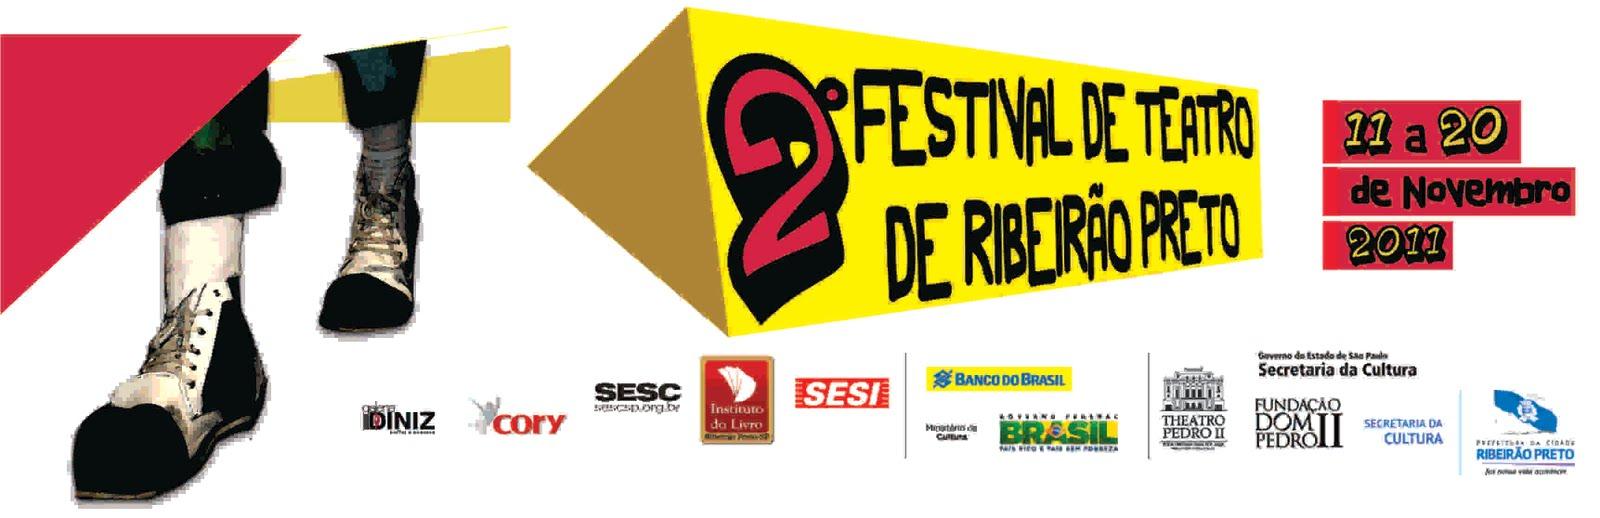 2o Festival de Teatro